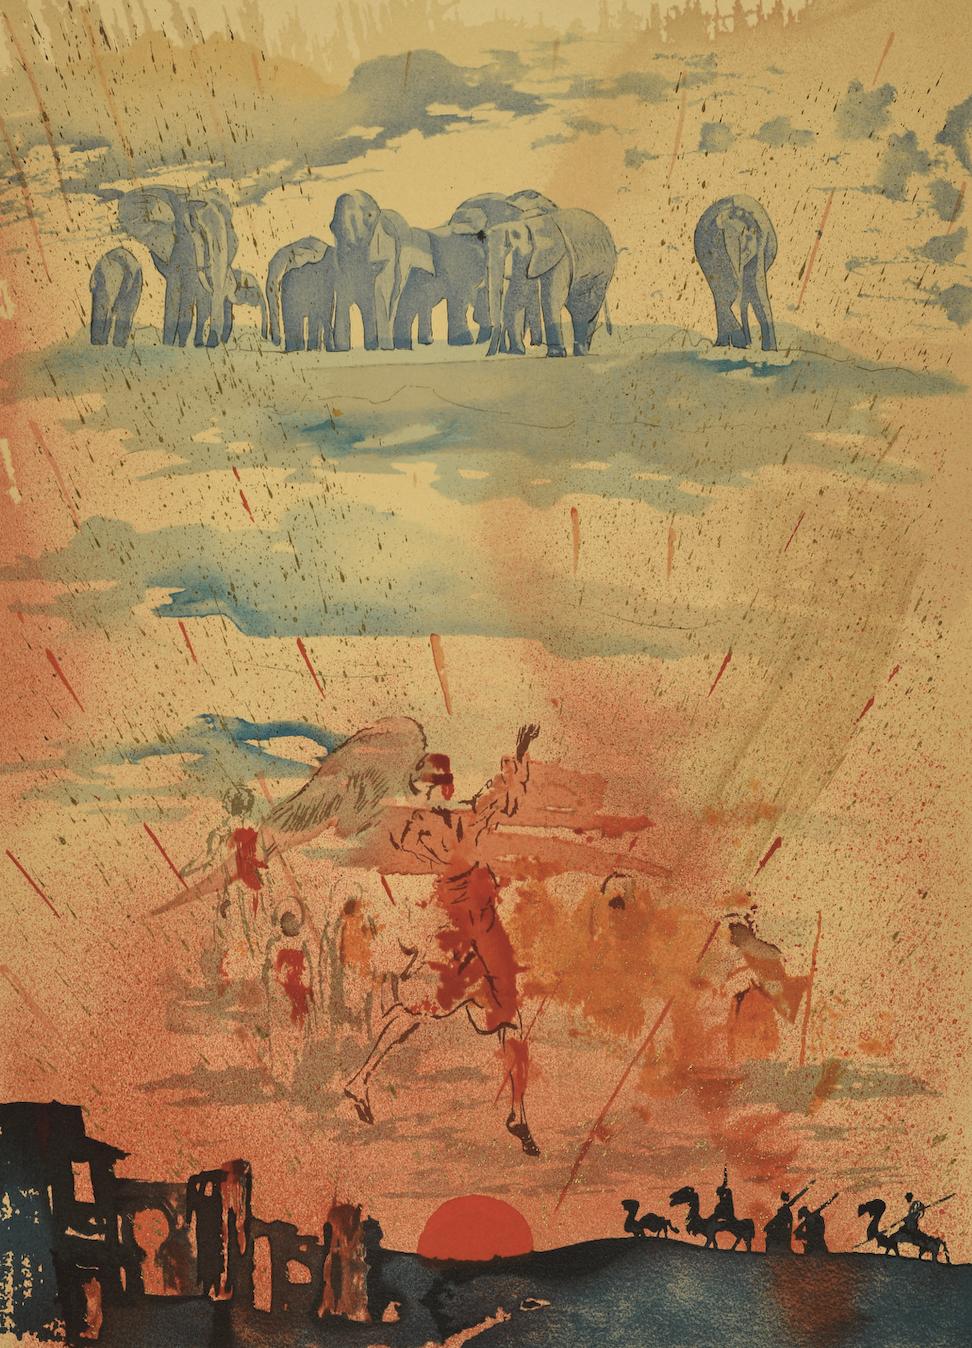 Сальвадор Дали, _Композиция со слонами_, 1970Из колекции Вадима Мороховского